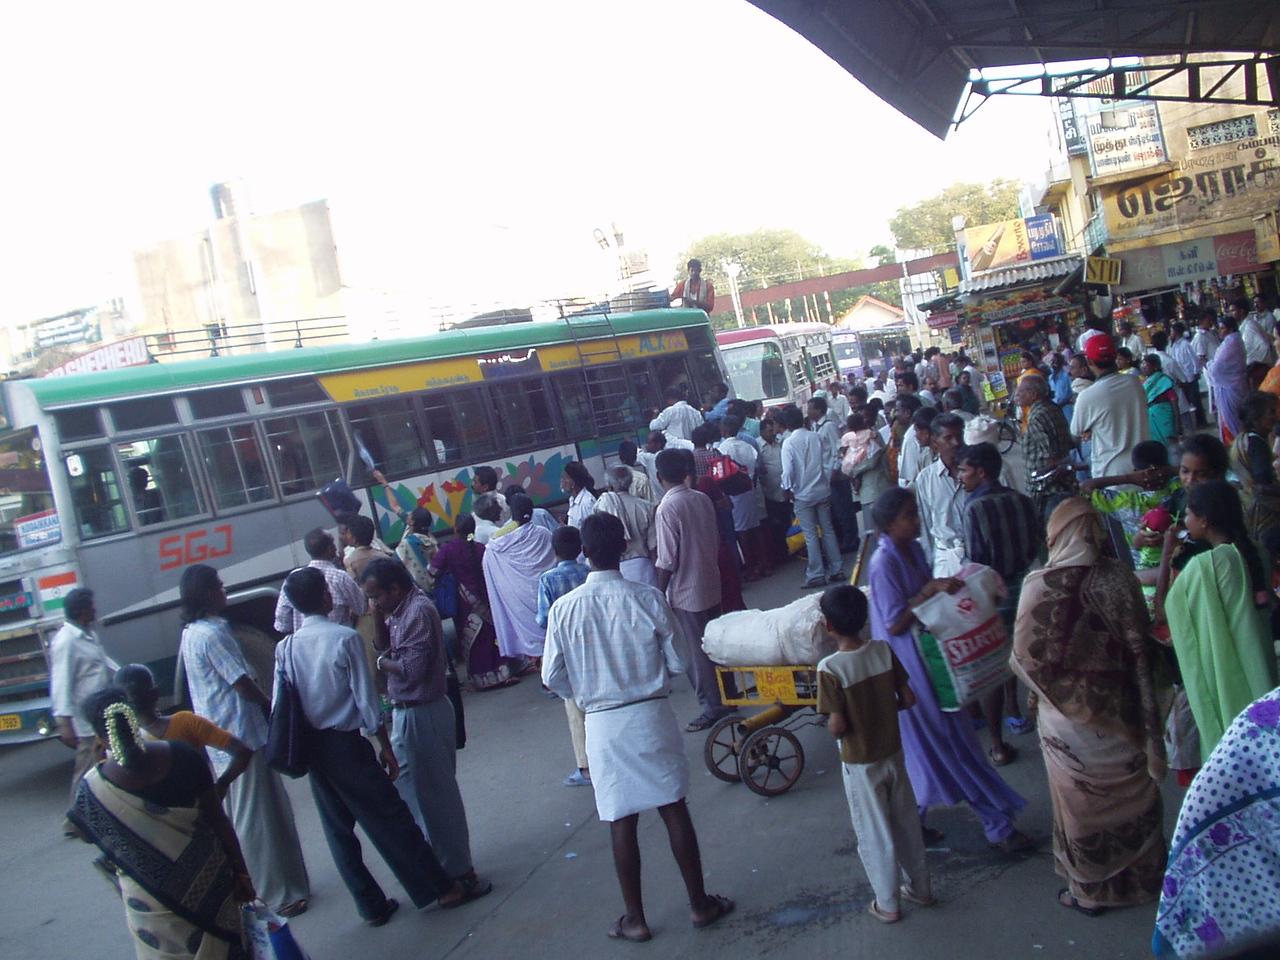 Bus chaos 1